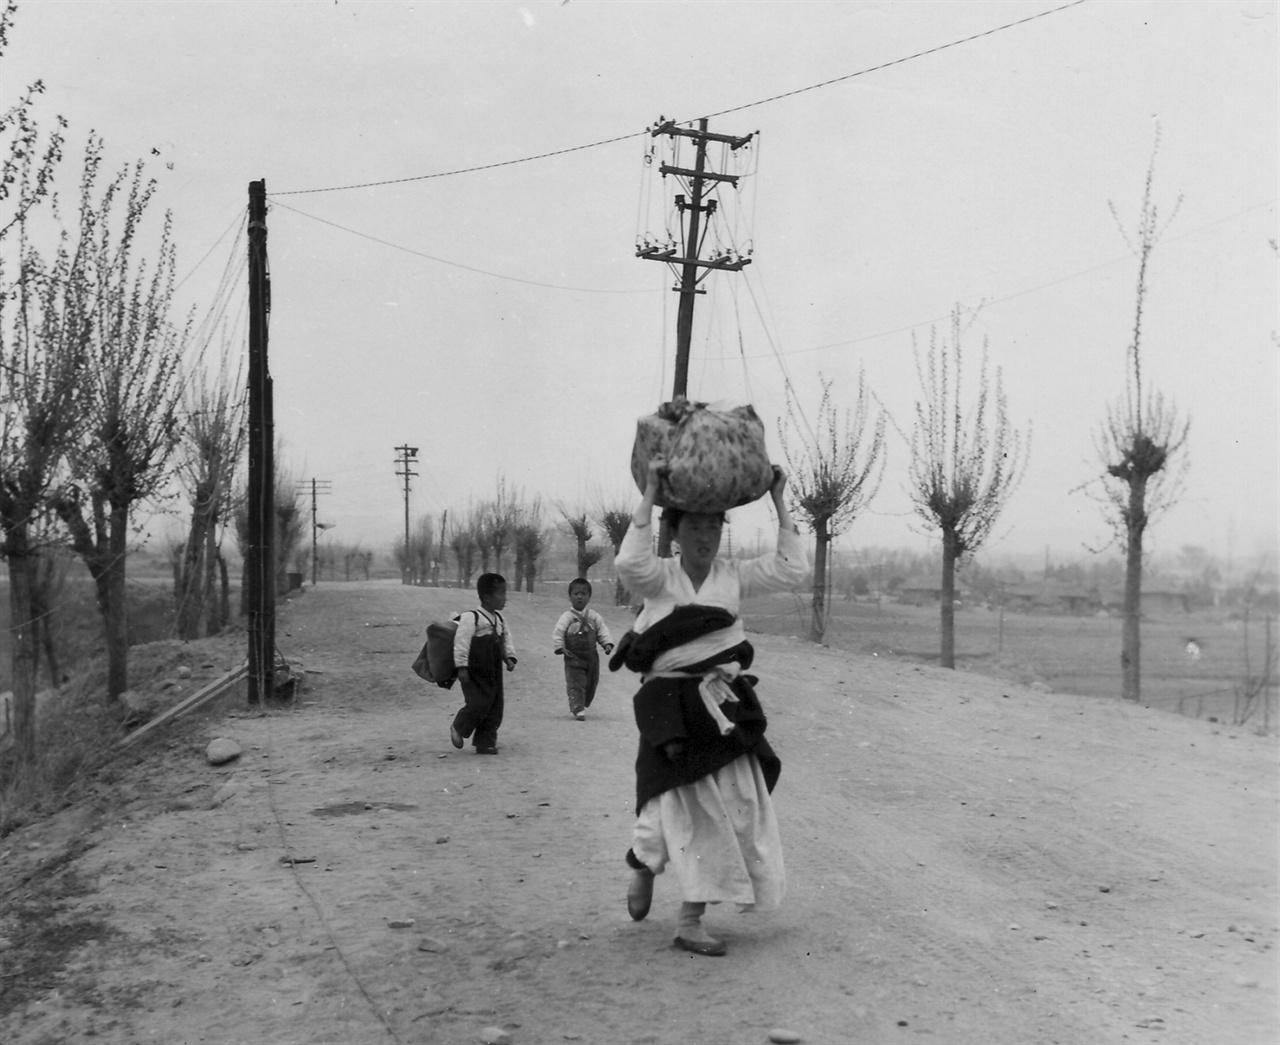 1951. 4. 춘천, 한 가족의 고단한 피란 길